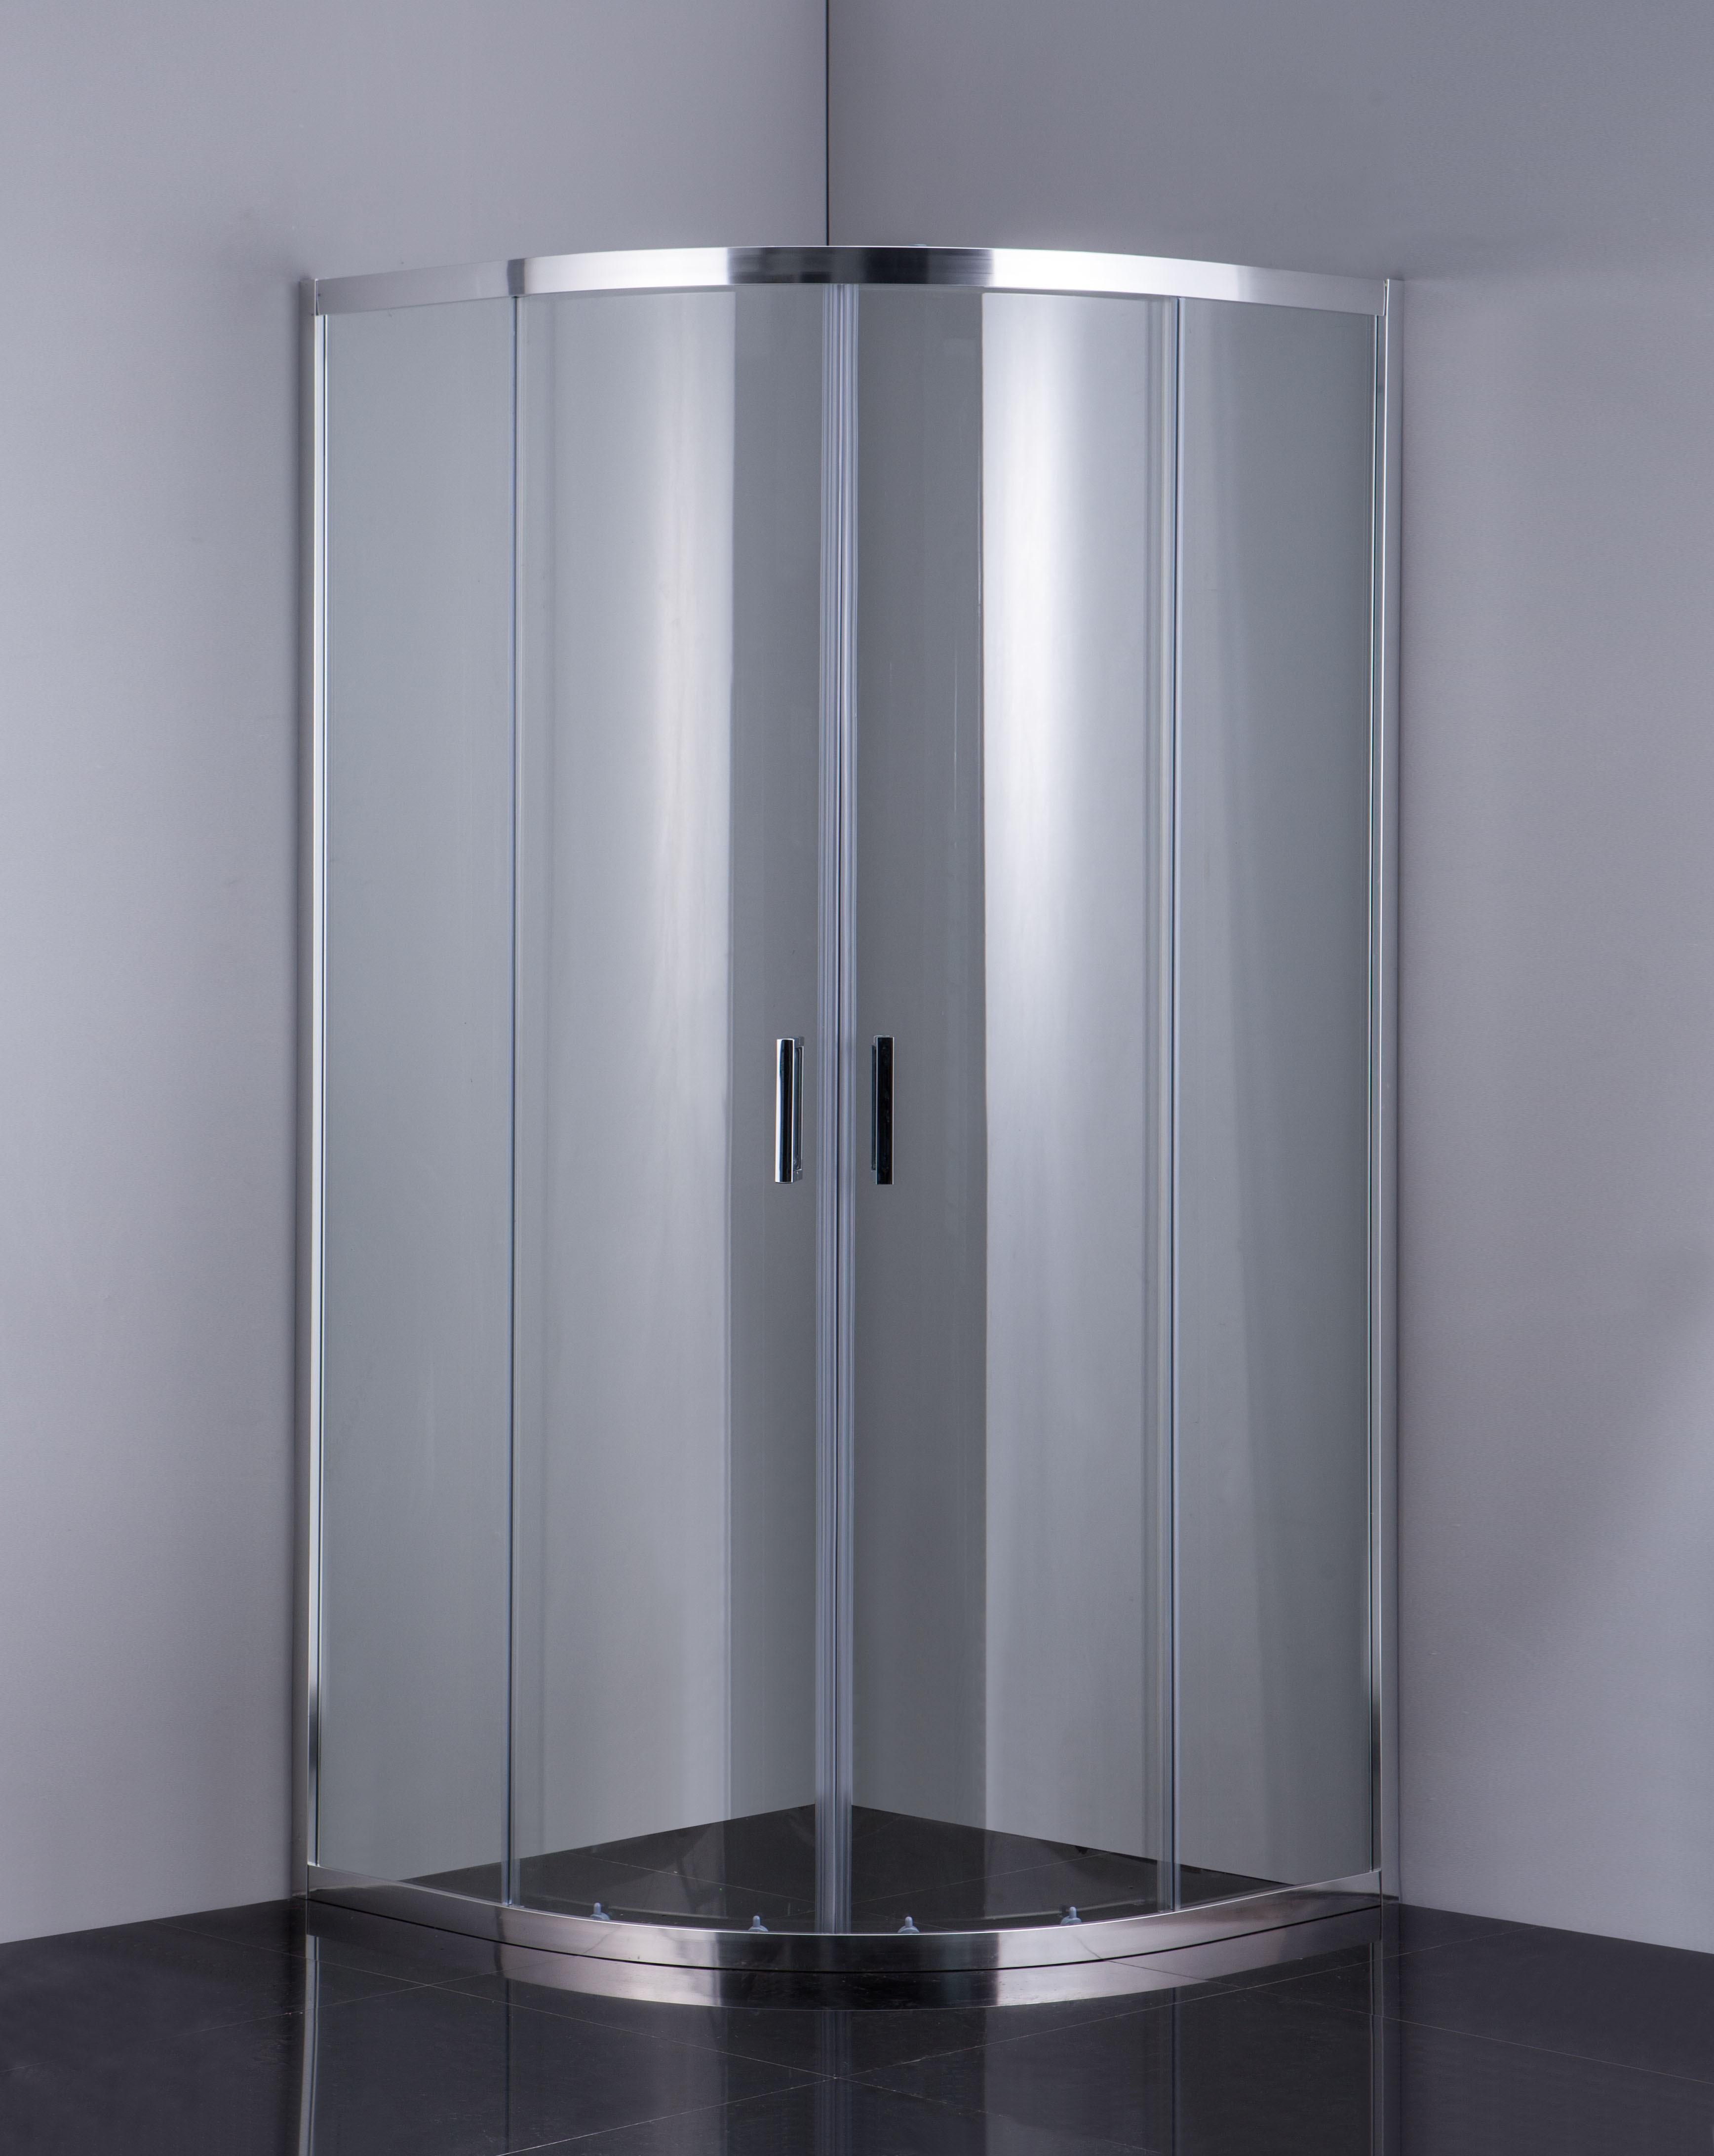 HOPA - Sprchový kout BARCELONA PLUS - Barva rámu zástěny - Hliník chrom, Hloubka - 90 cm, Provedení - Univerzální, Šíře - 90 cm, Výplň - Grape bezpečnostní sklo - 5 / 6 mm (OLBPAL90CGBV)